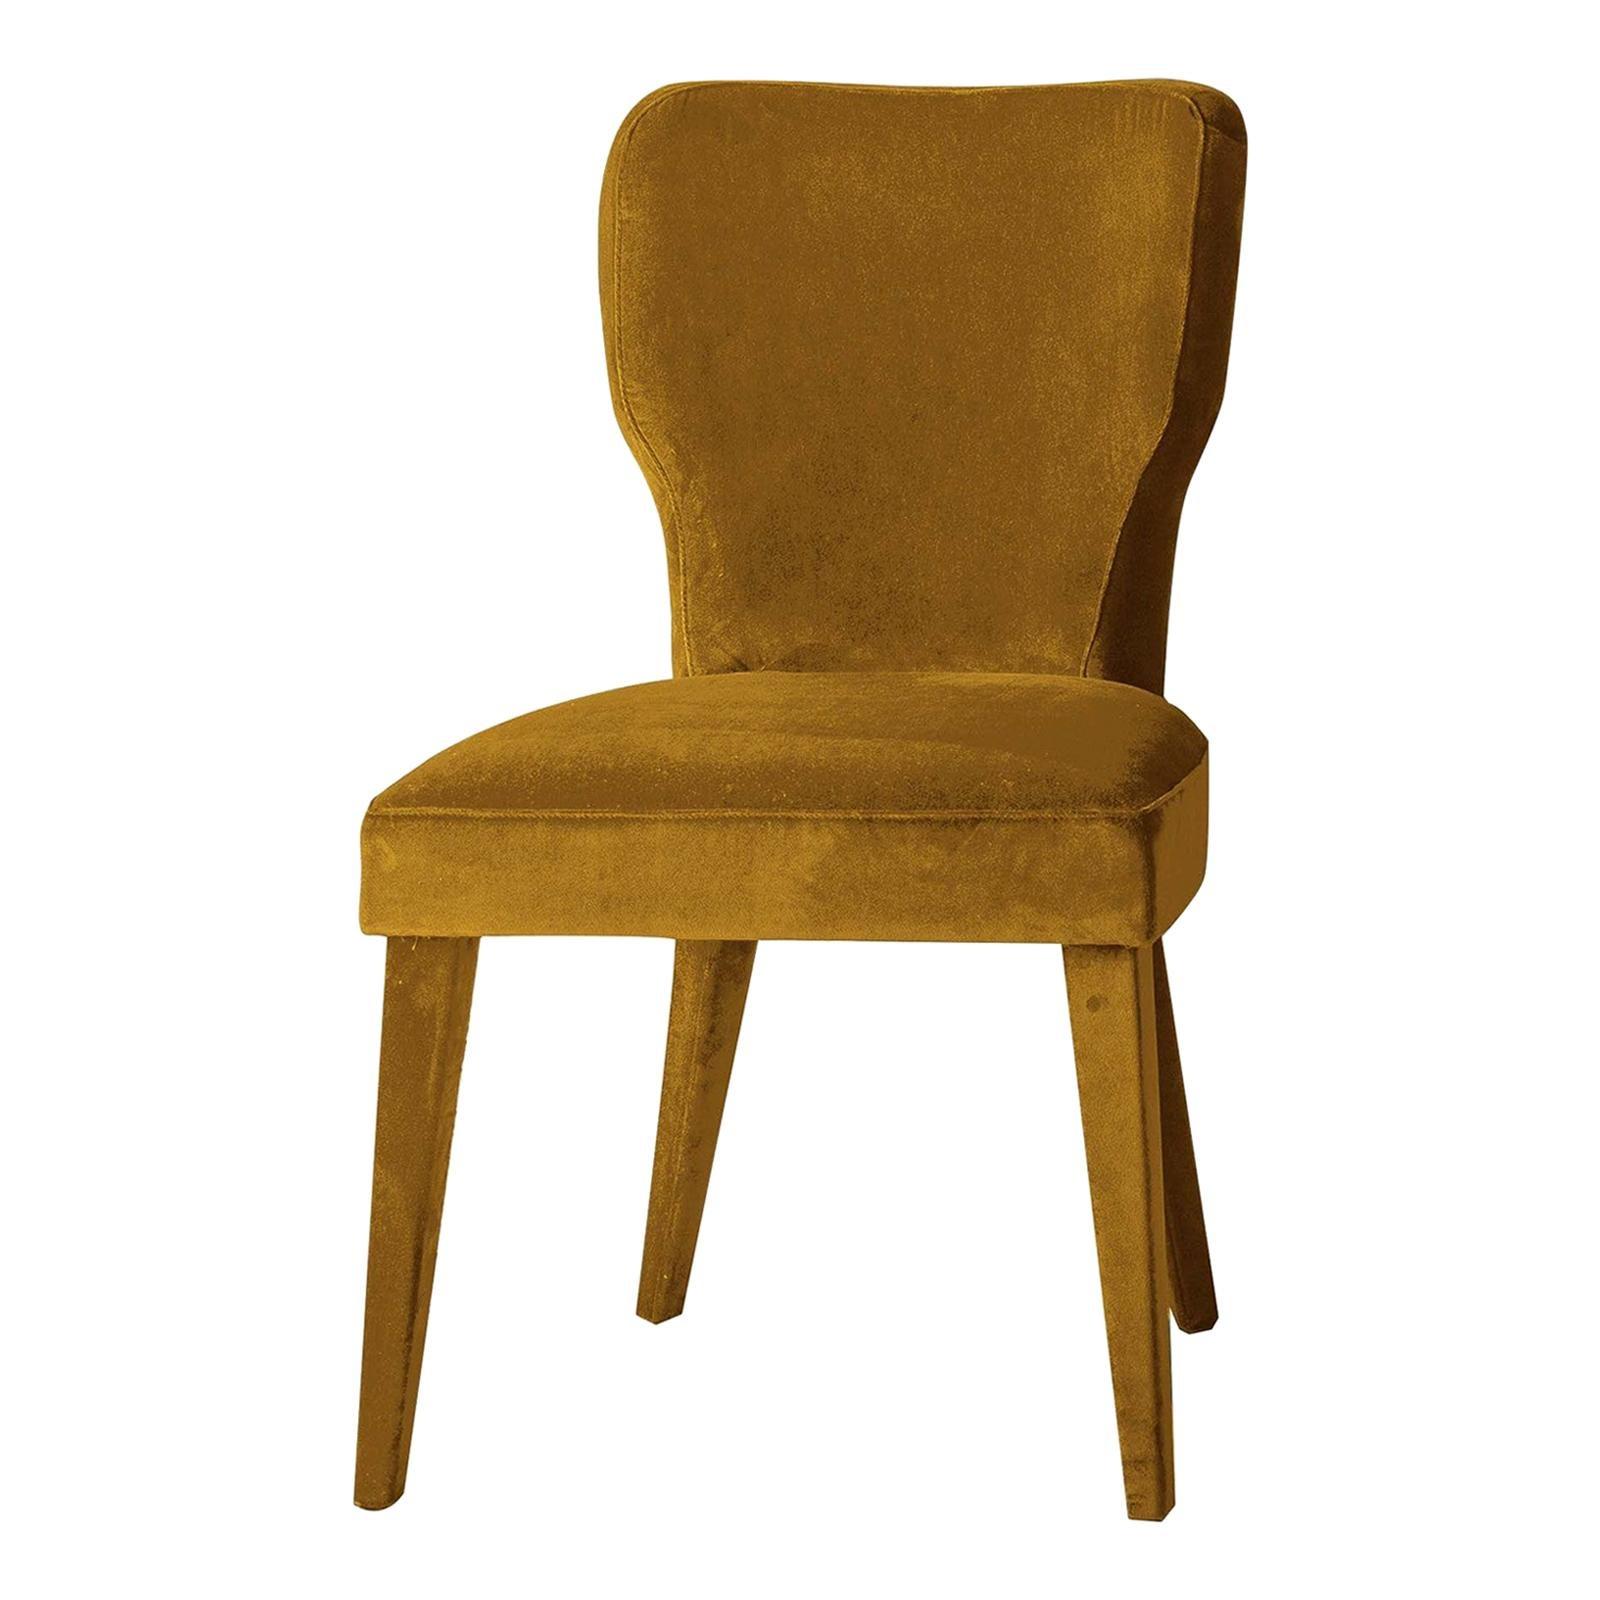 Lady V Yellow Chair by Ciarmoli Queda Studio